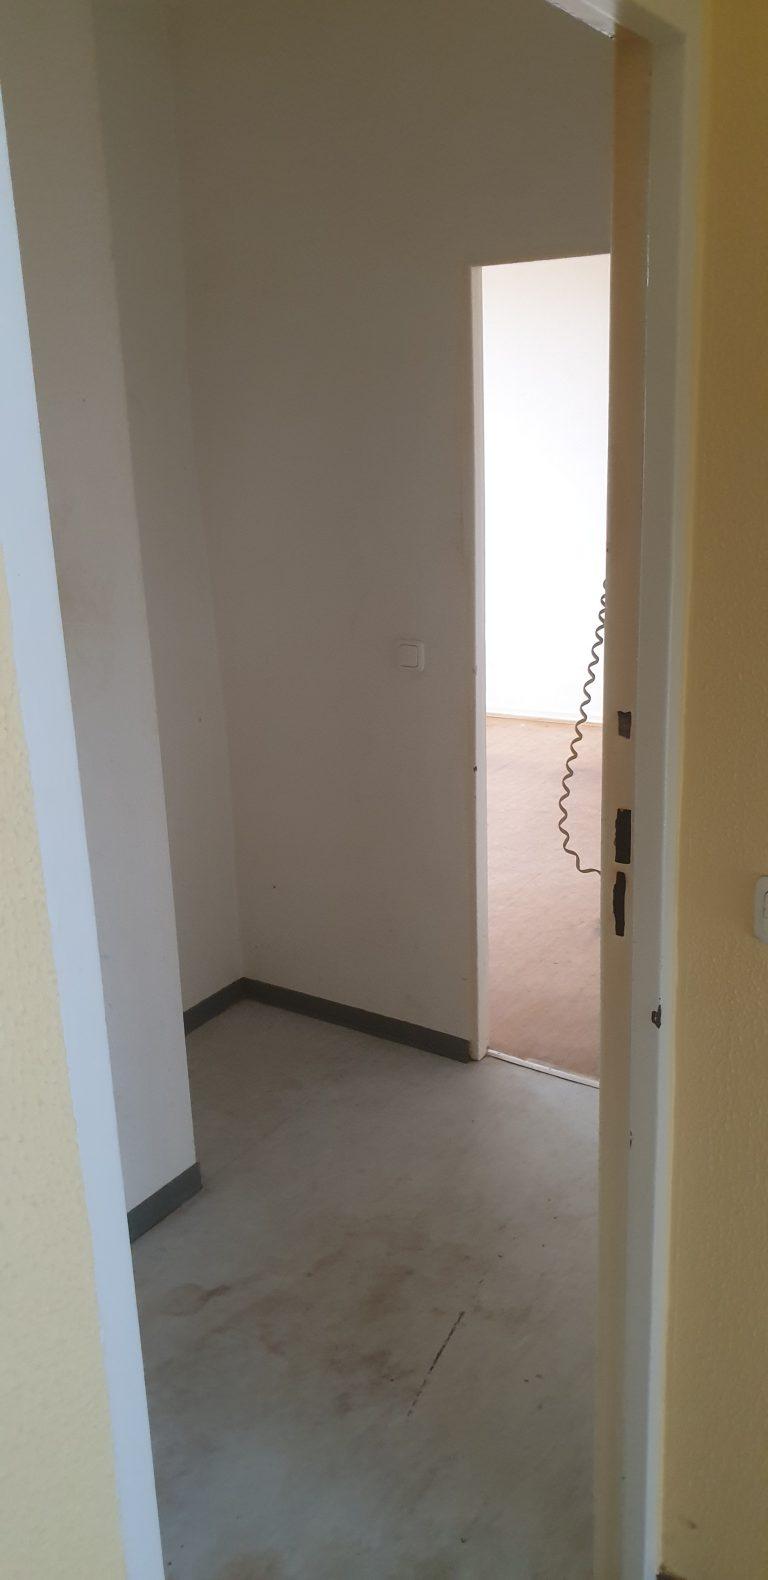 Tatortreinigung Lipka Messie Beispiel Wohnung 11